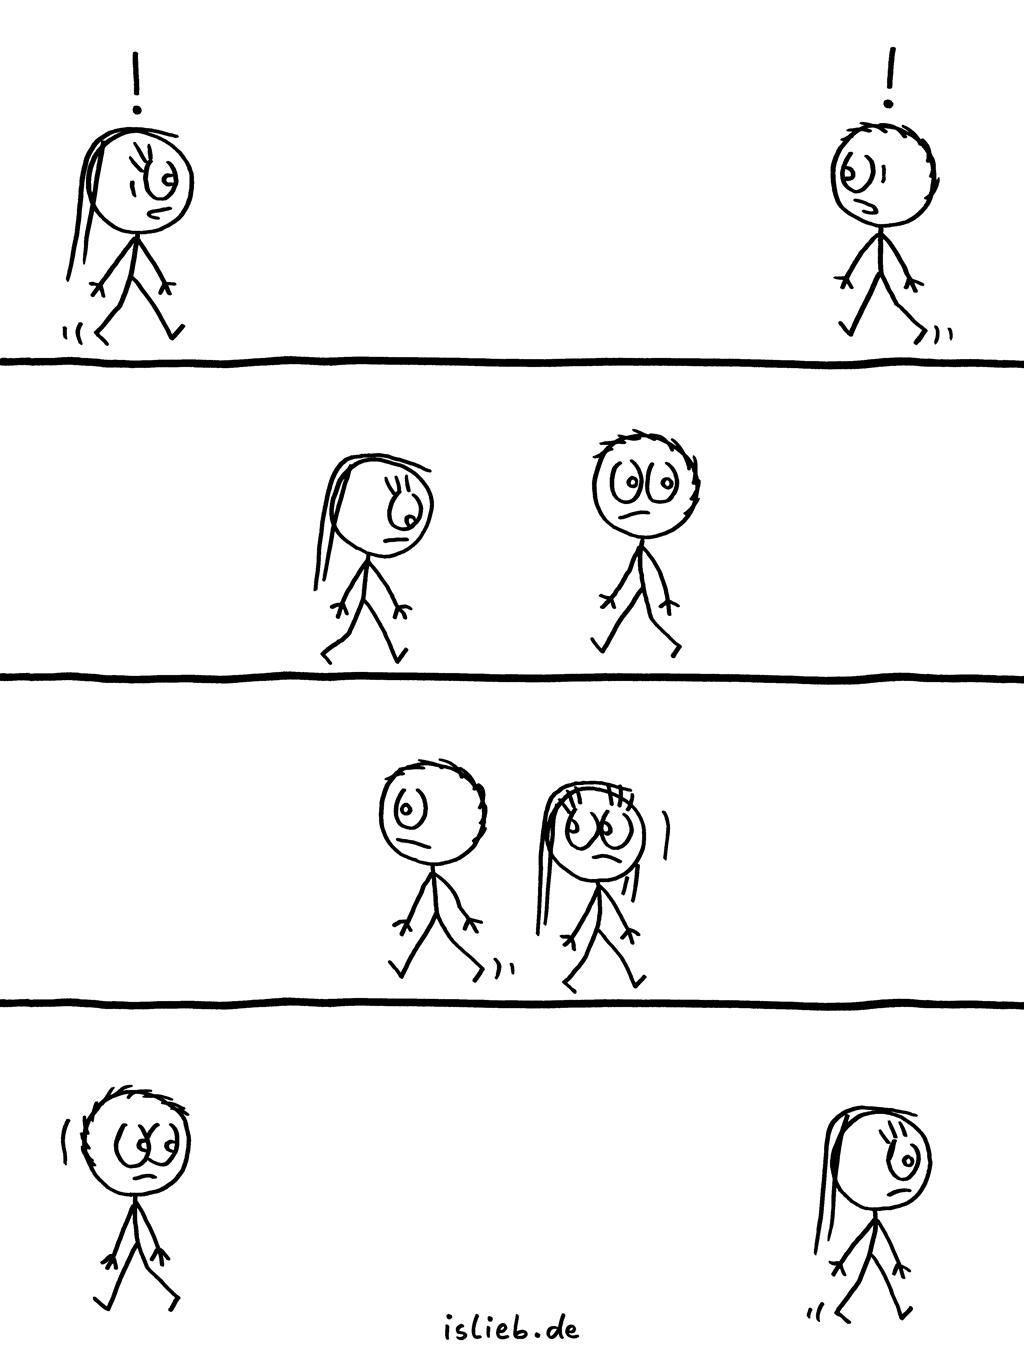 Hallo | Strichmännchen-Comic | is lieb? | Schüchternheit, ansprechen, Blickkontakt, einsam, single